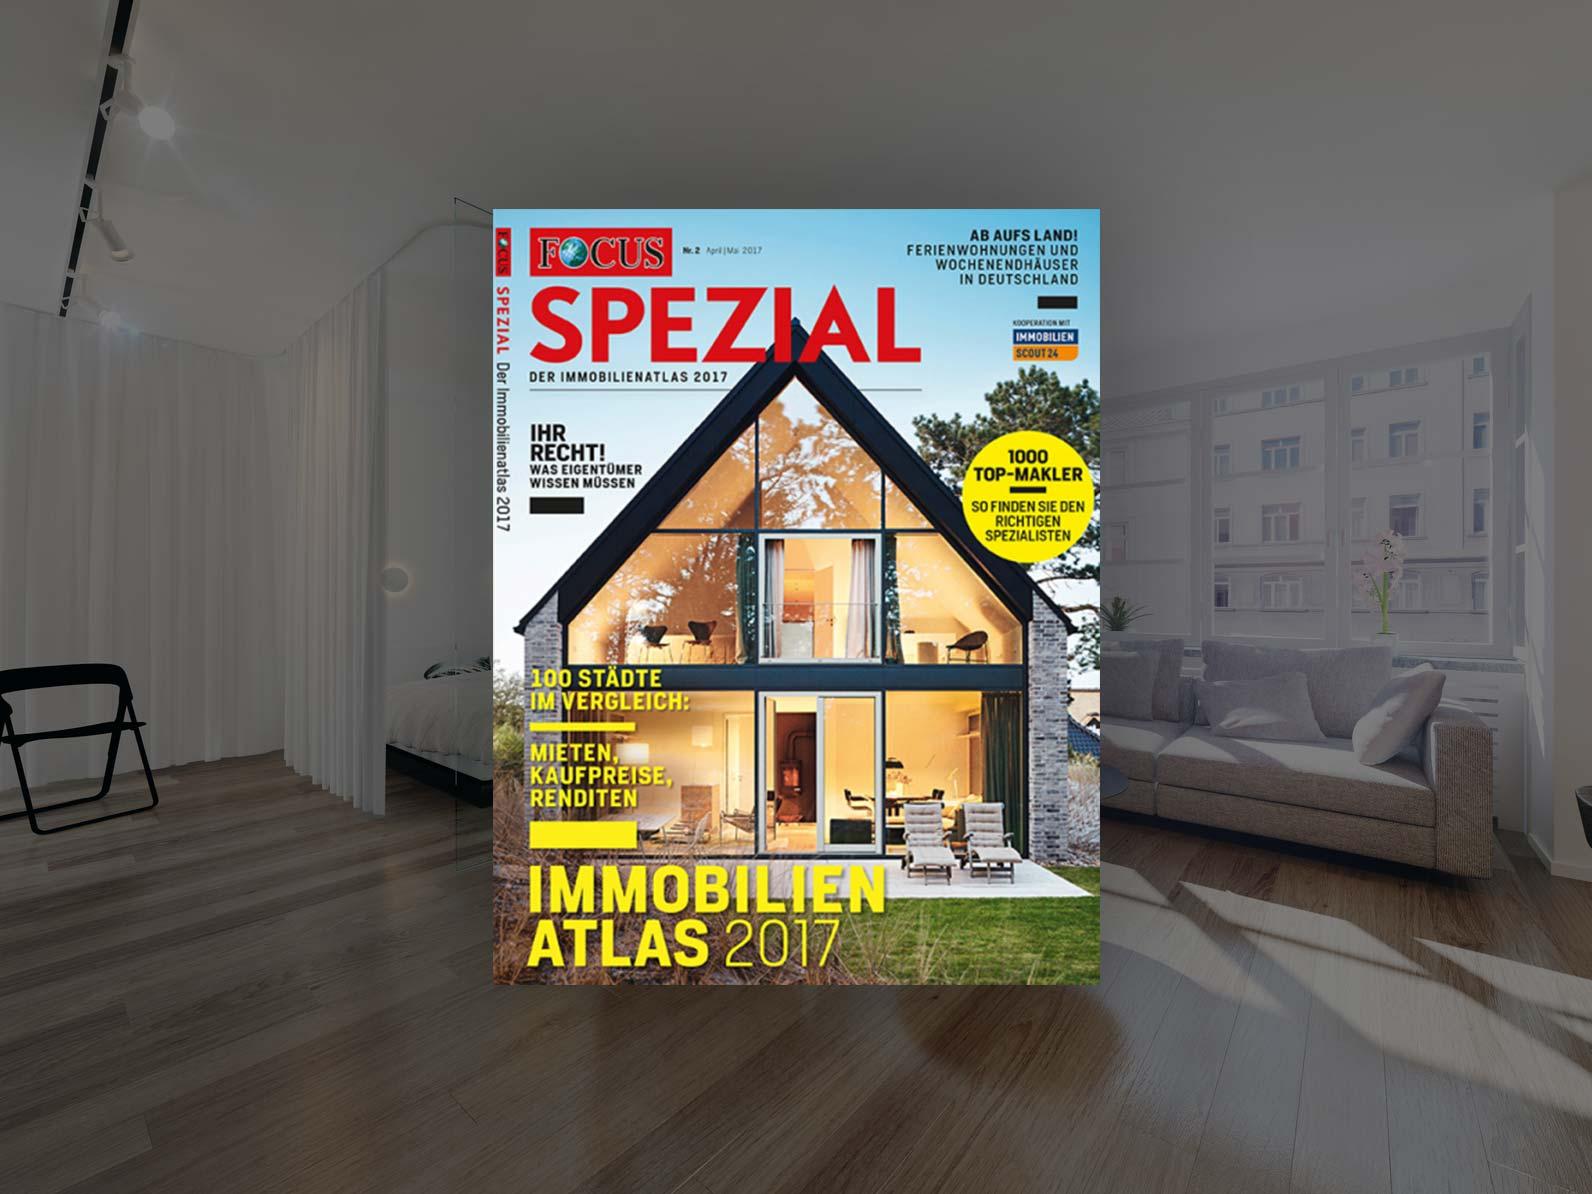 Focus-Spezial: Landler Immobilien zählt zu den besten Maklern Deutschlands